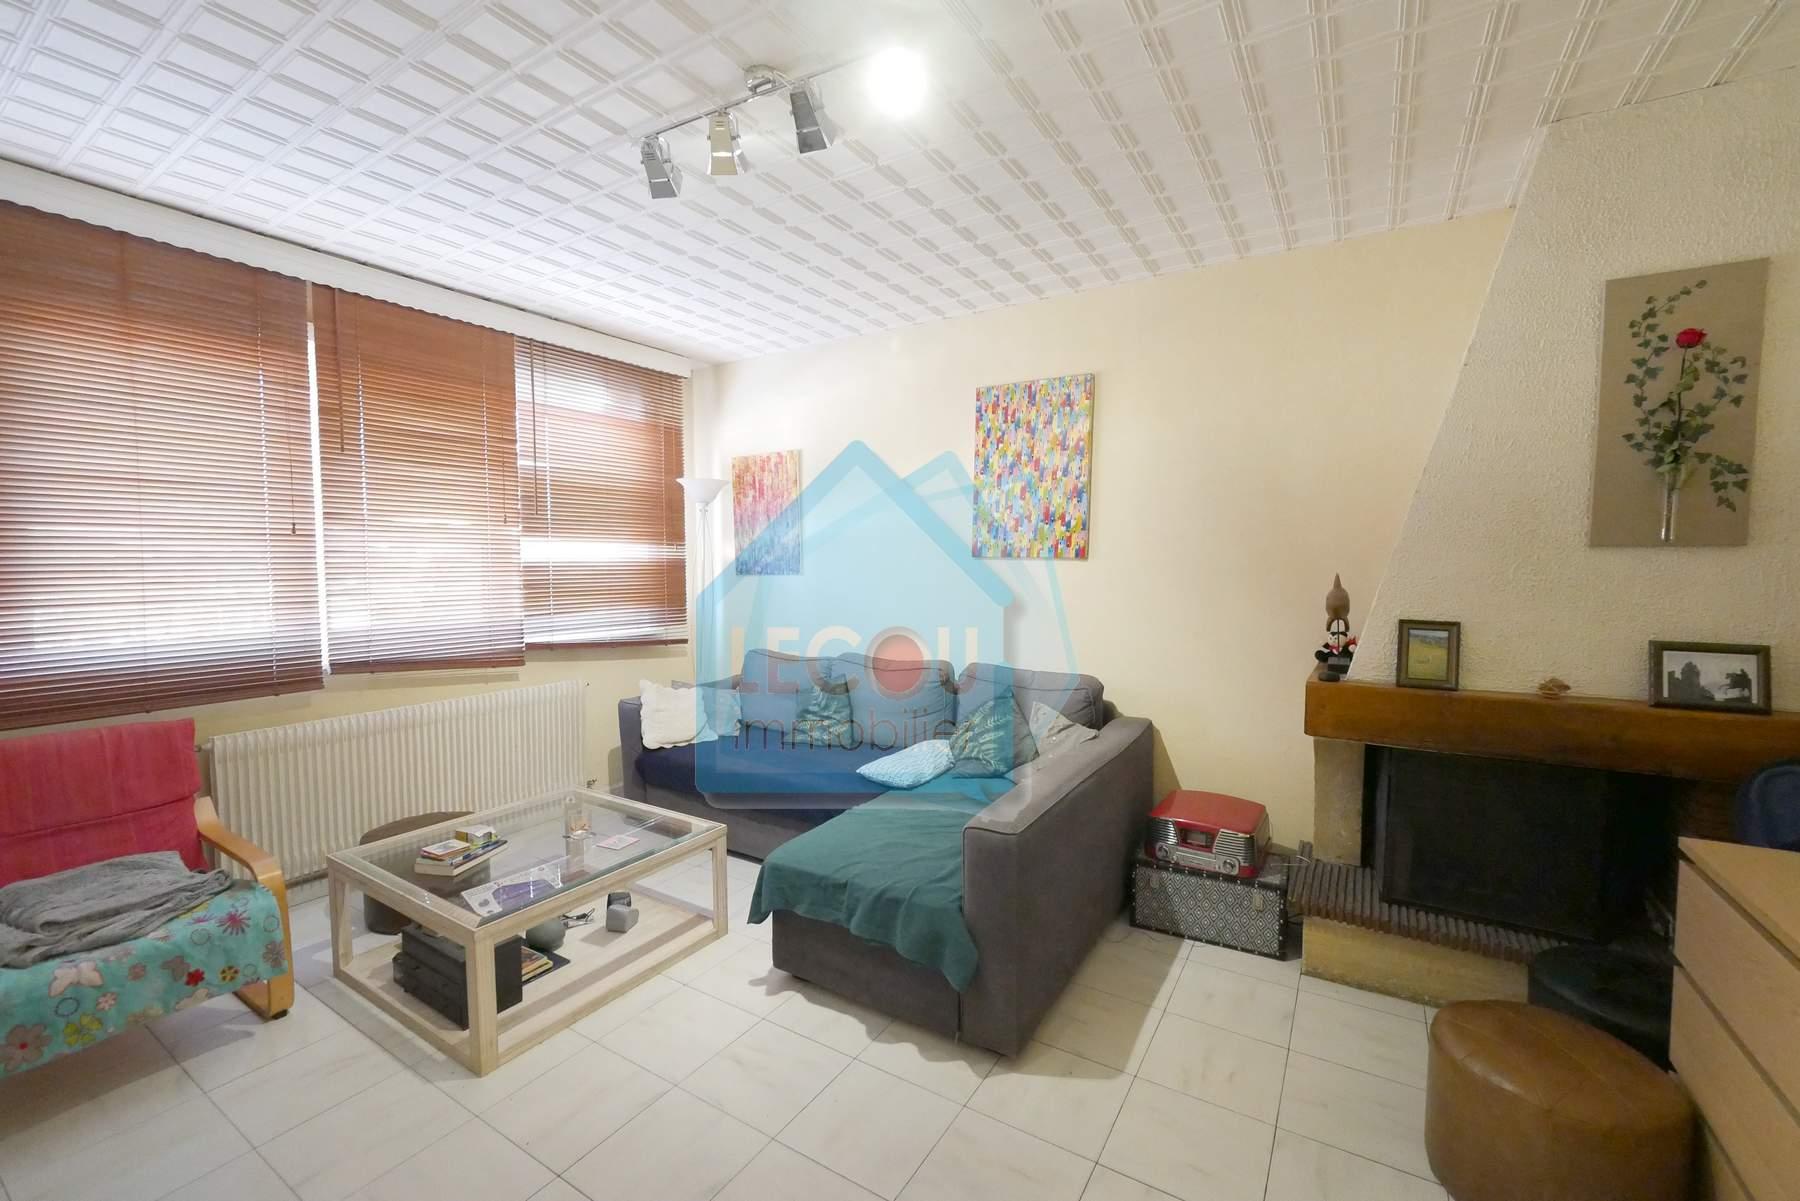 Maison en 4 chambres sur 349 m²